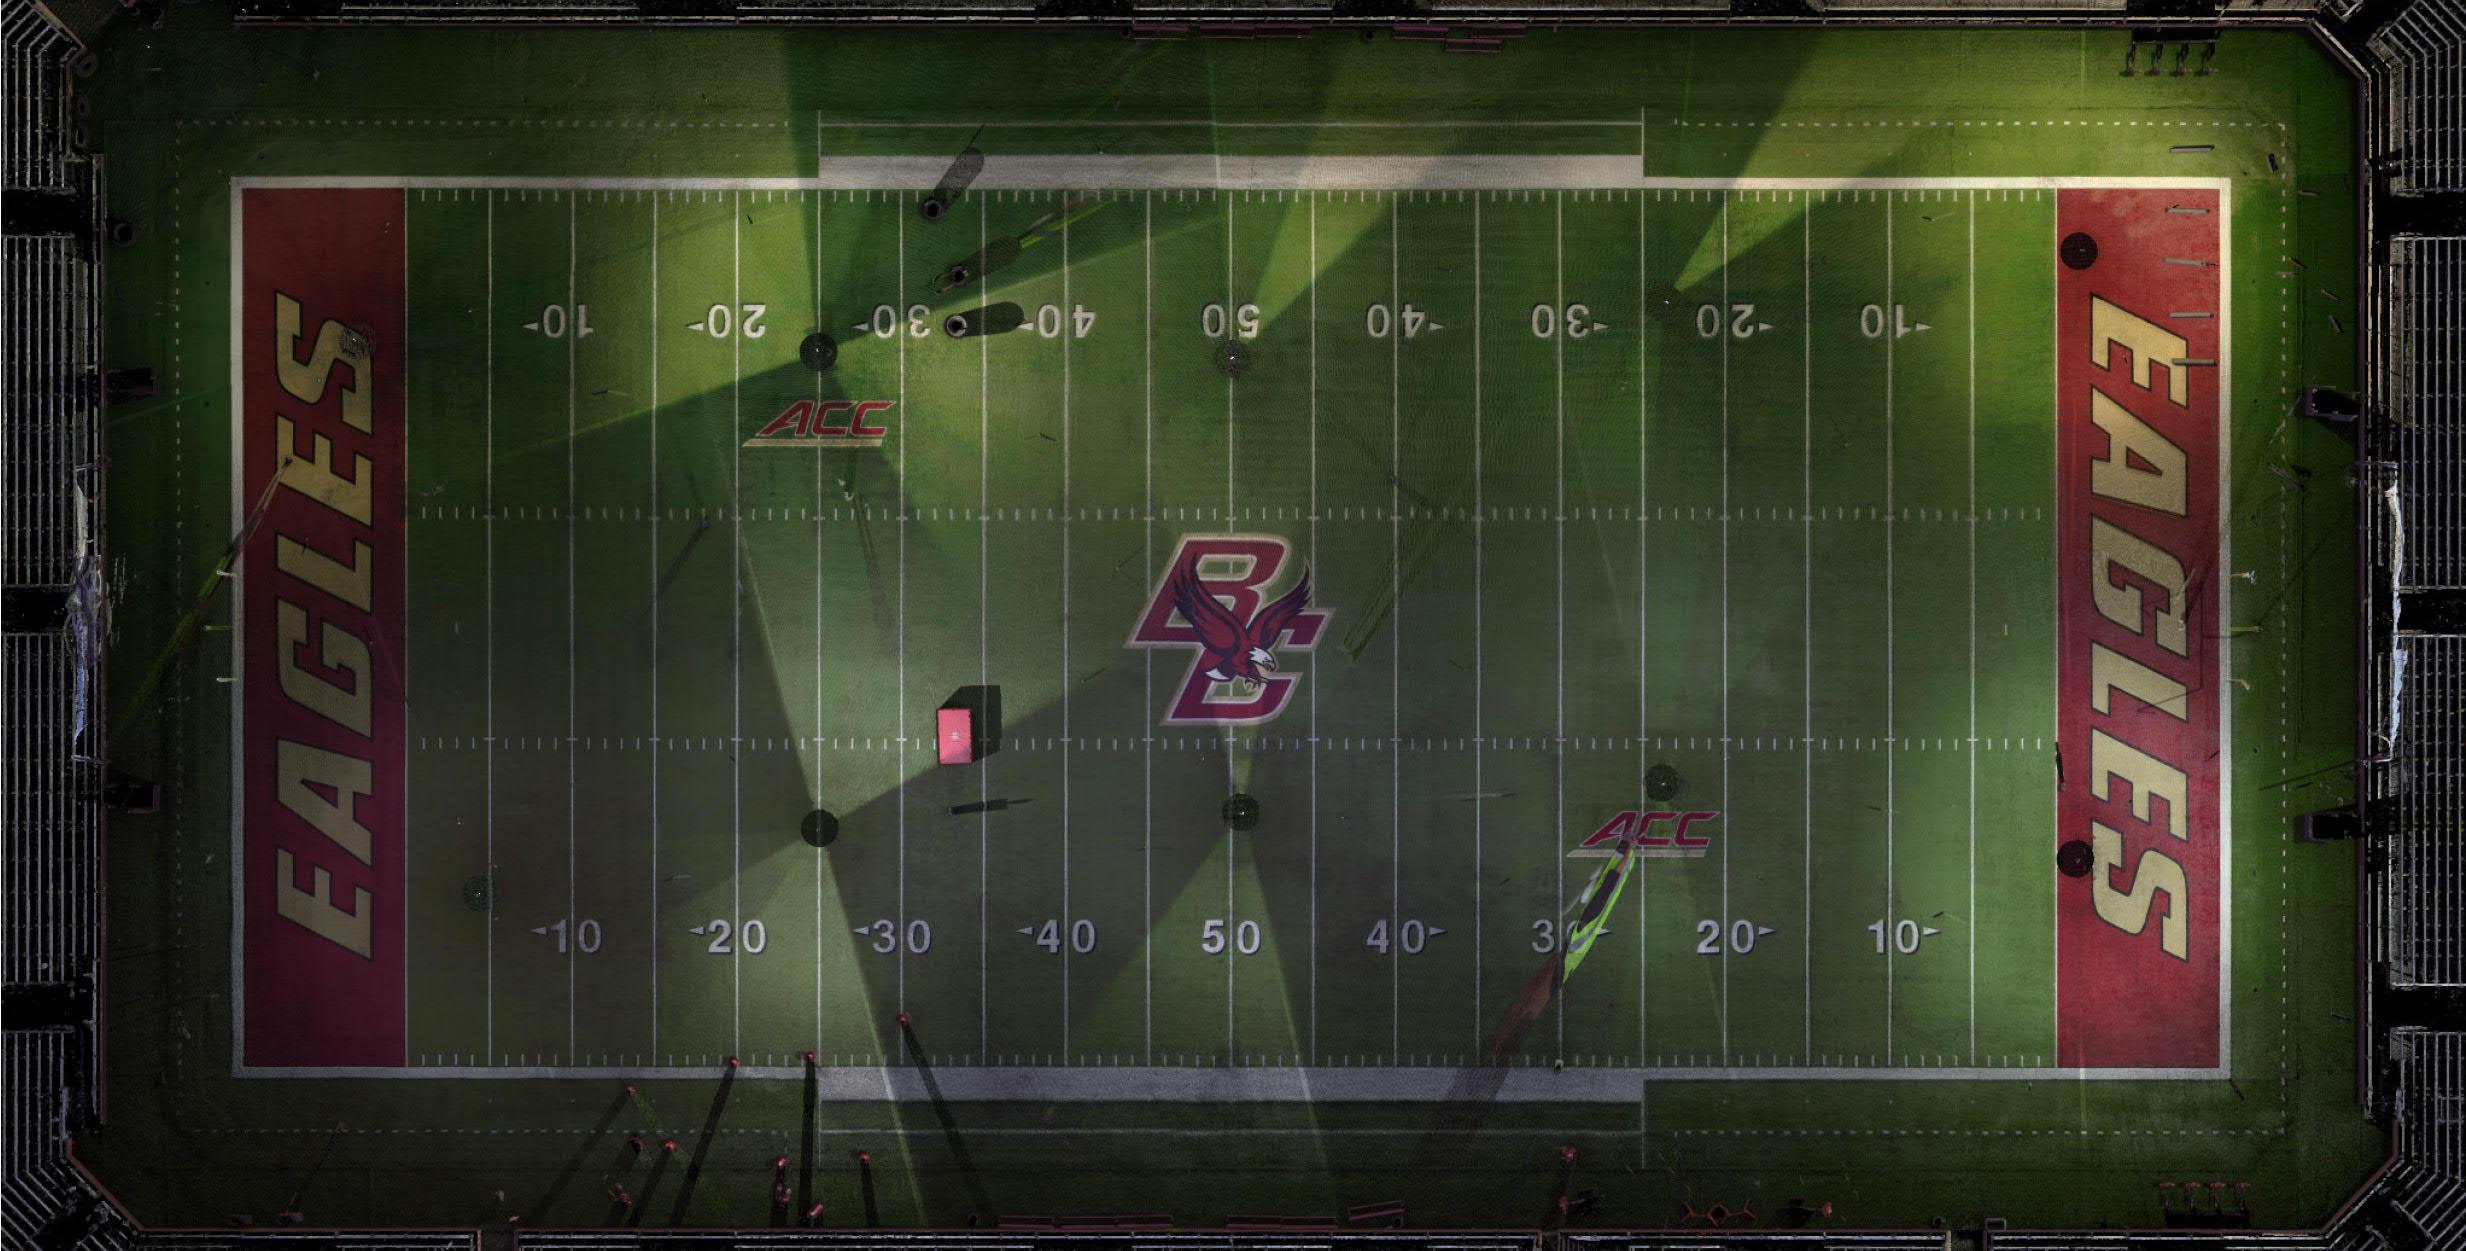 BC - Alumni Stadium Scan 3